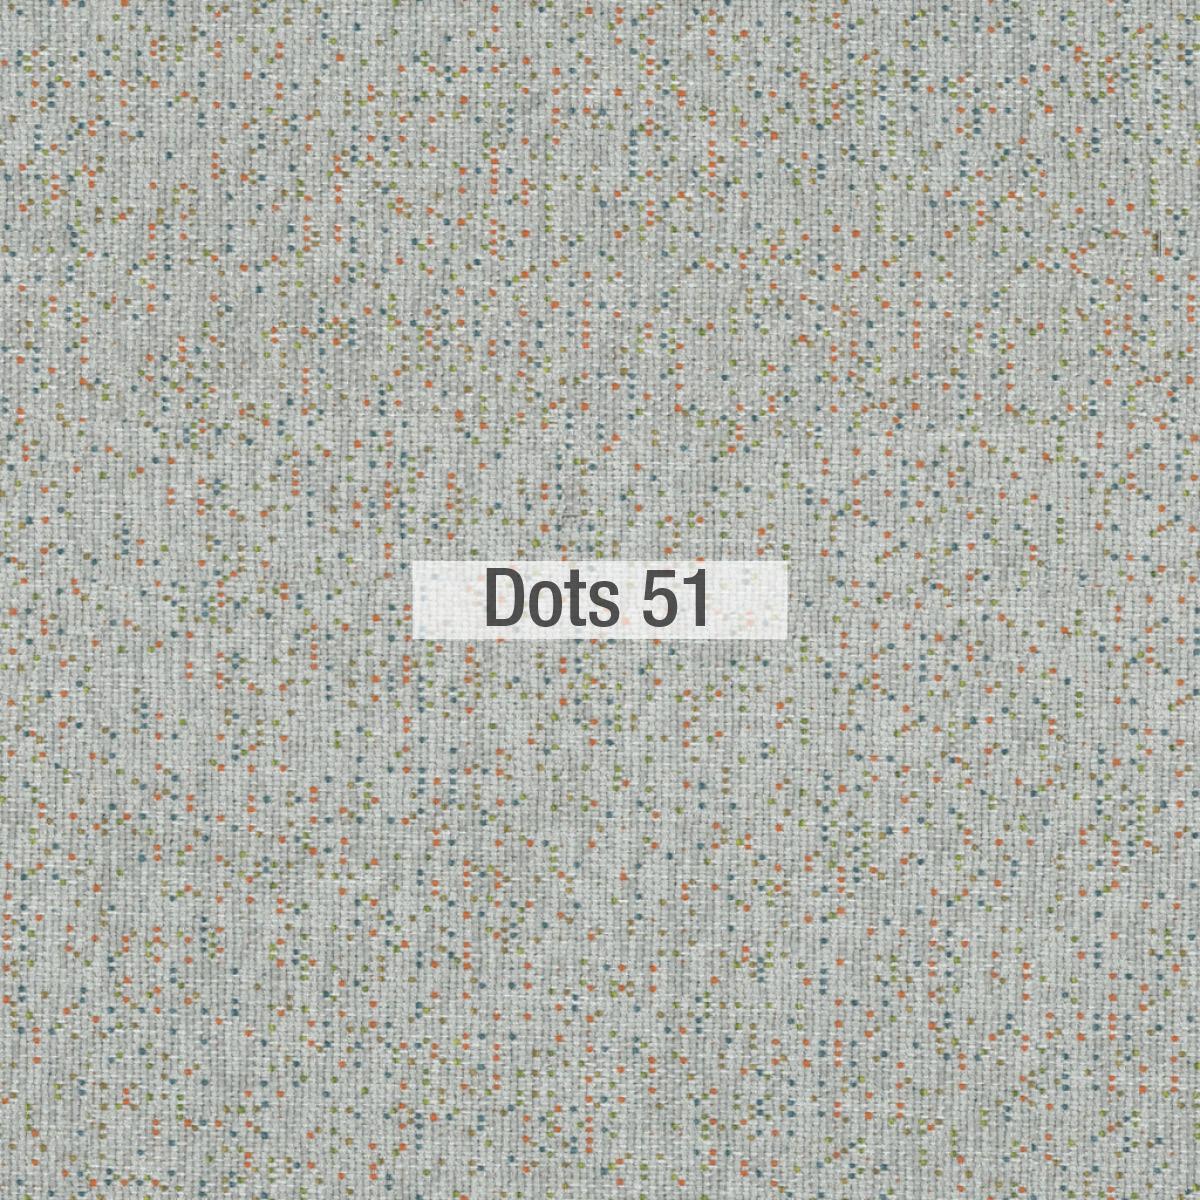 Colores Stella-Dots tela Fama 2020 14